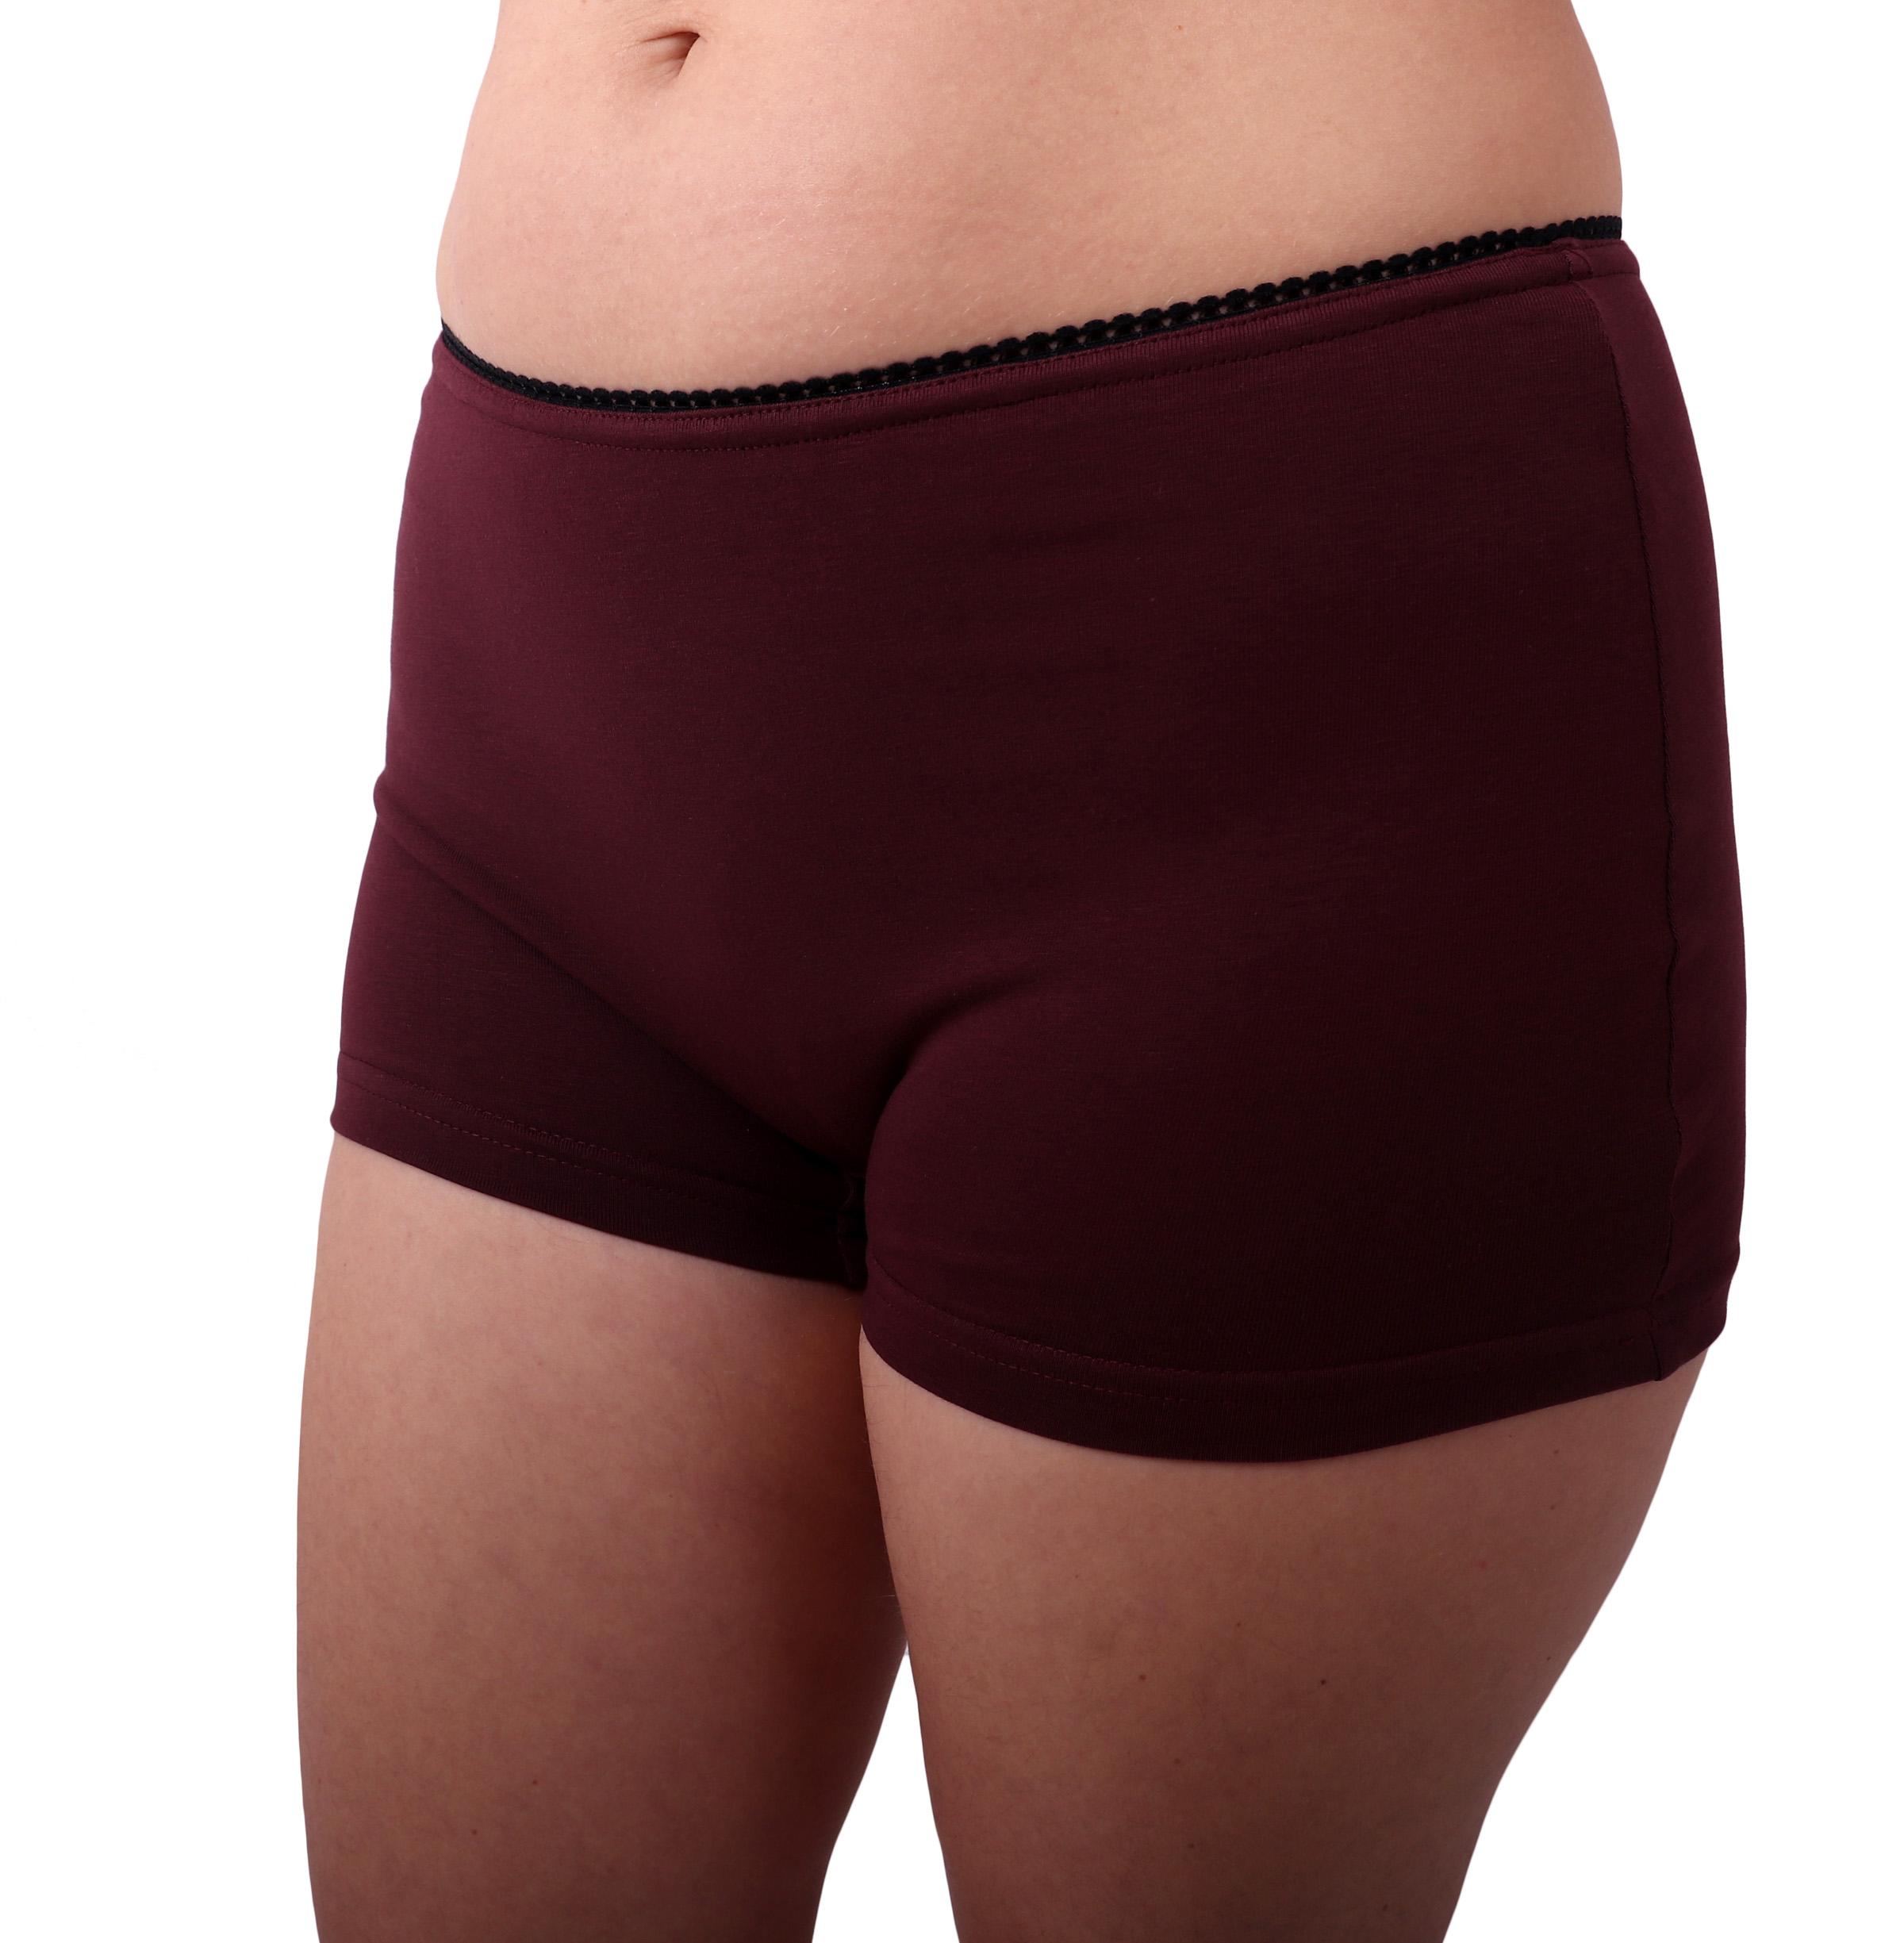 Dámské kalhotky bavlněné, nohavičkové, bordo, 50